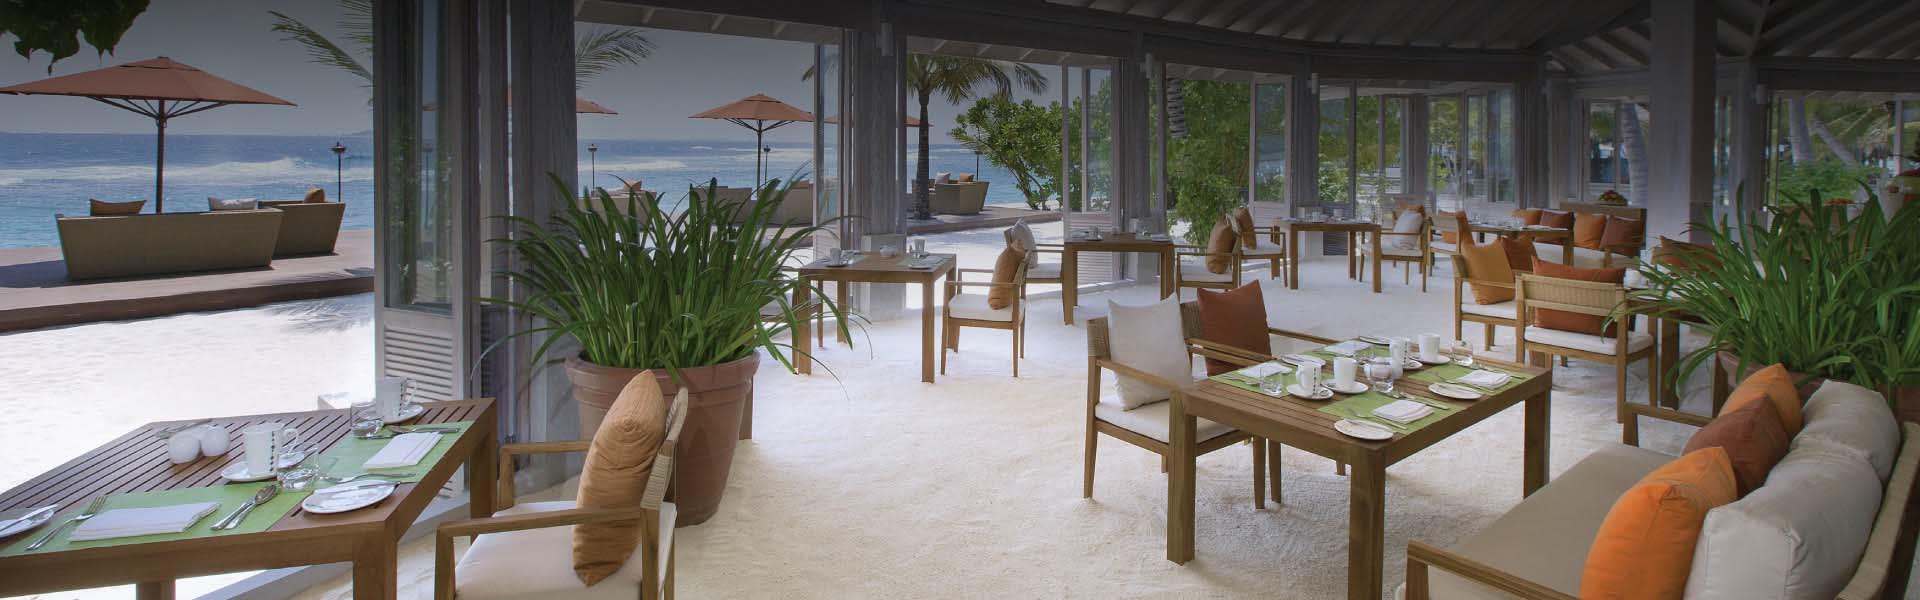 73 Degrees Restaurant at Anantara Veli Resort